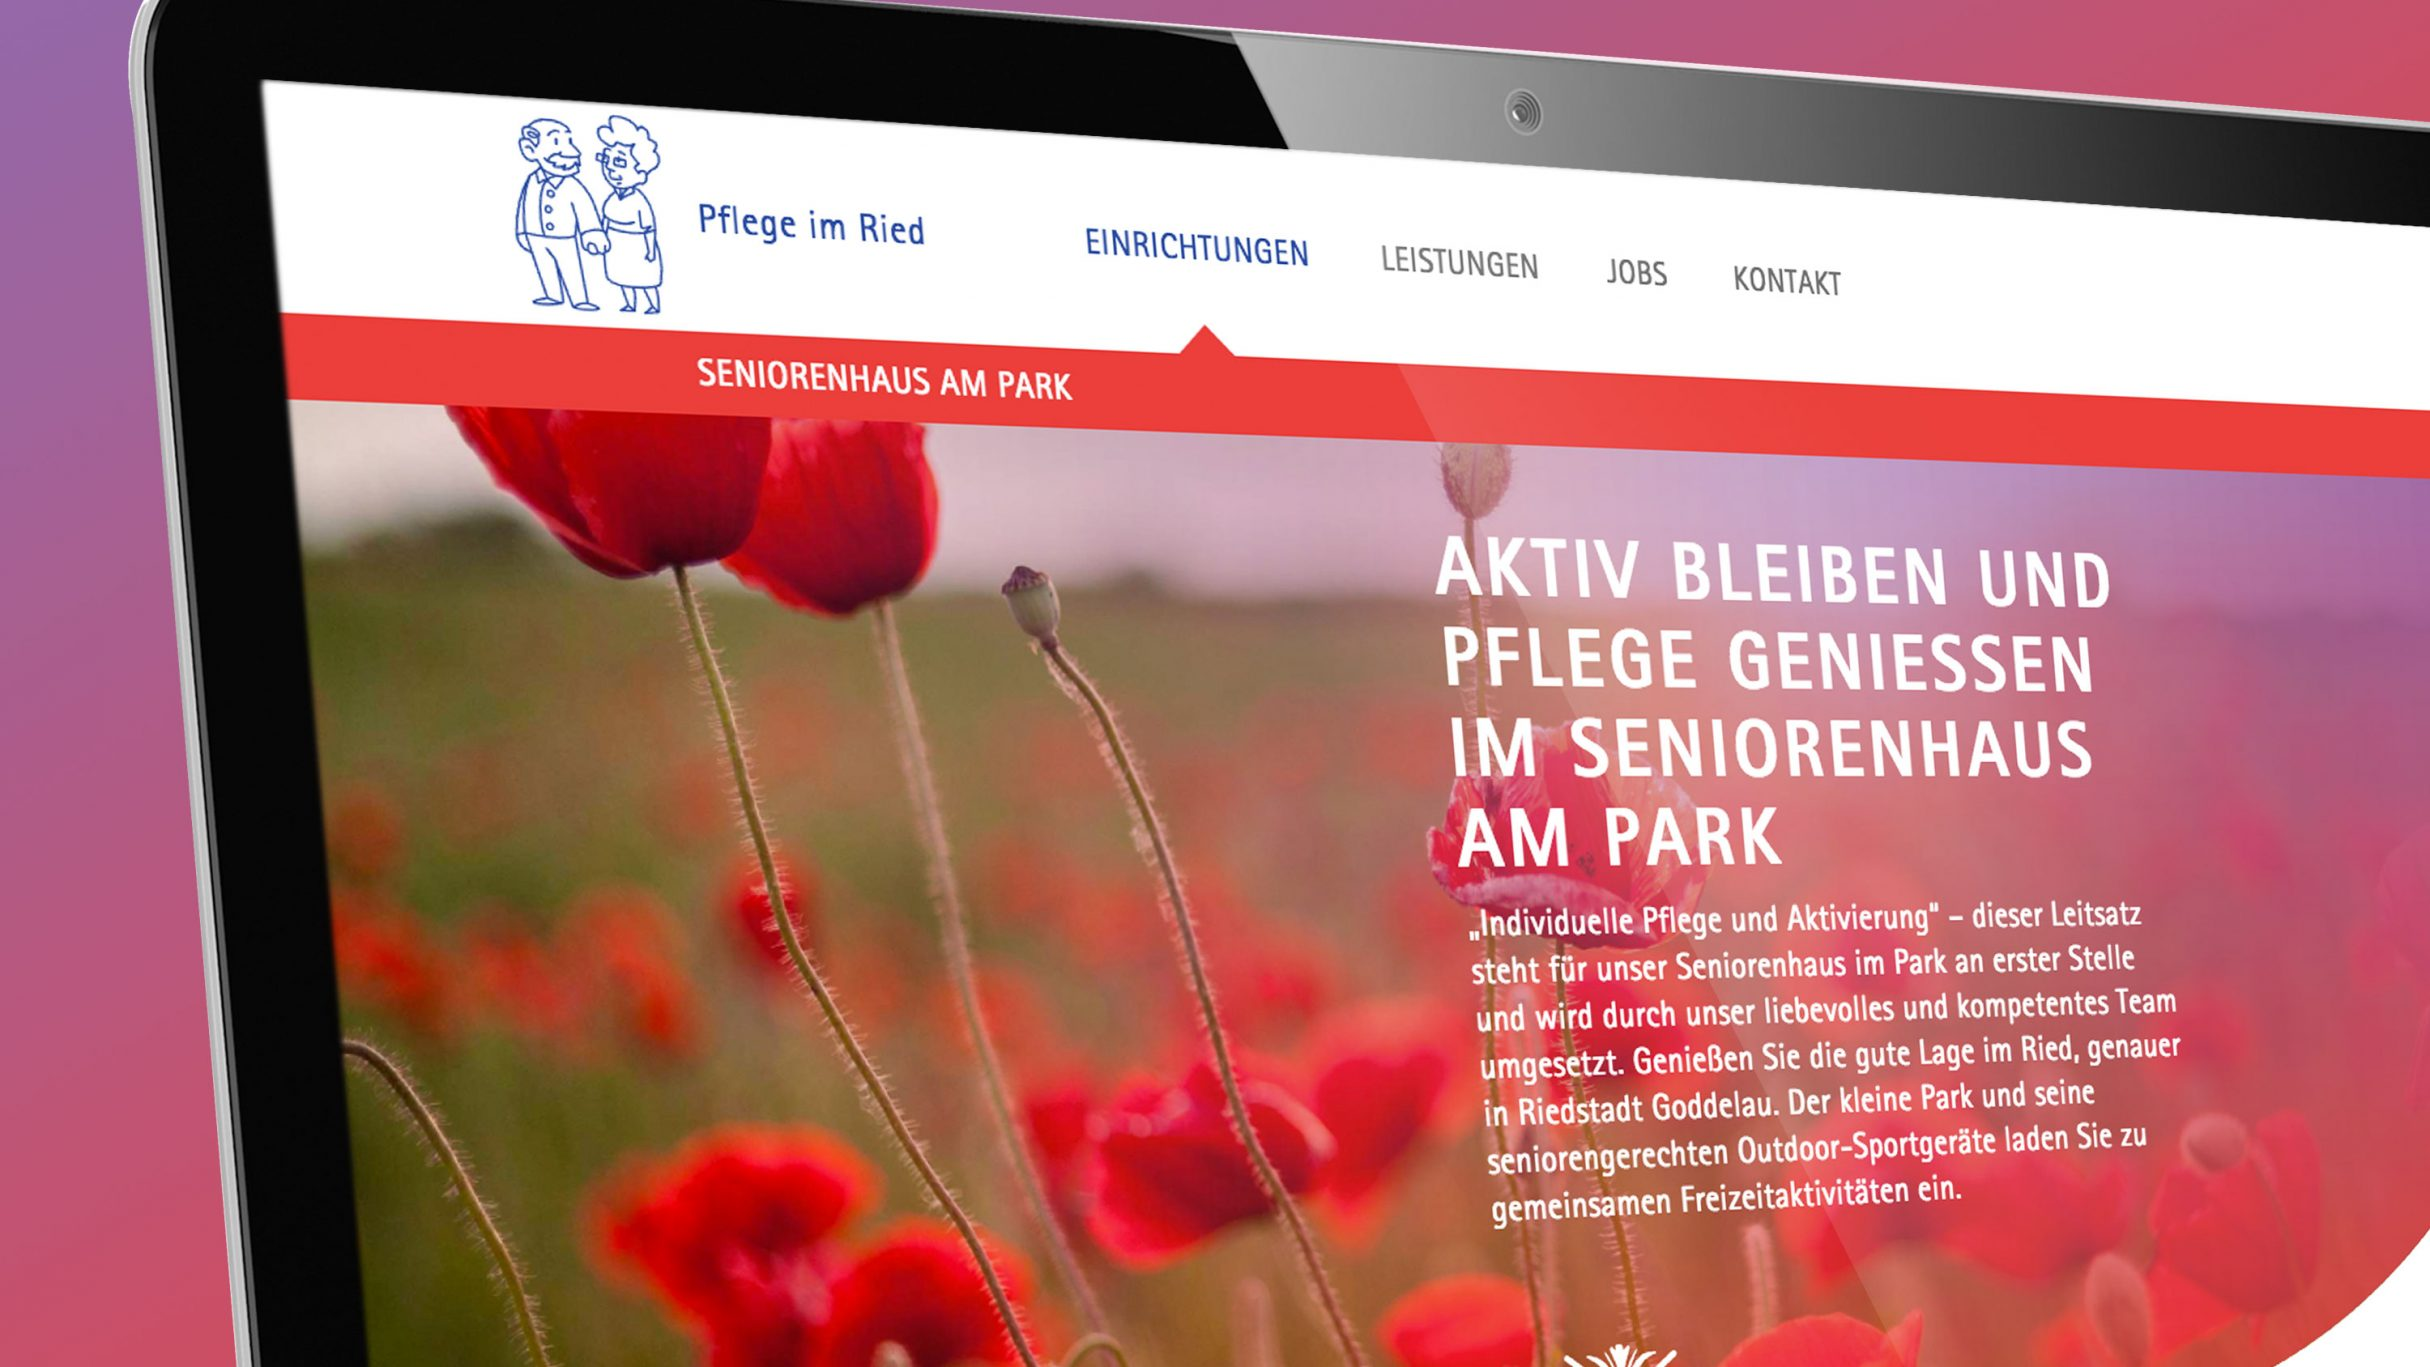 Responsive Webdesign für Pflege im Ried: DIE NEUDENKER® Agentur, Darmstadt